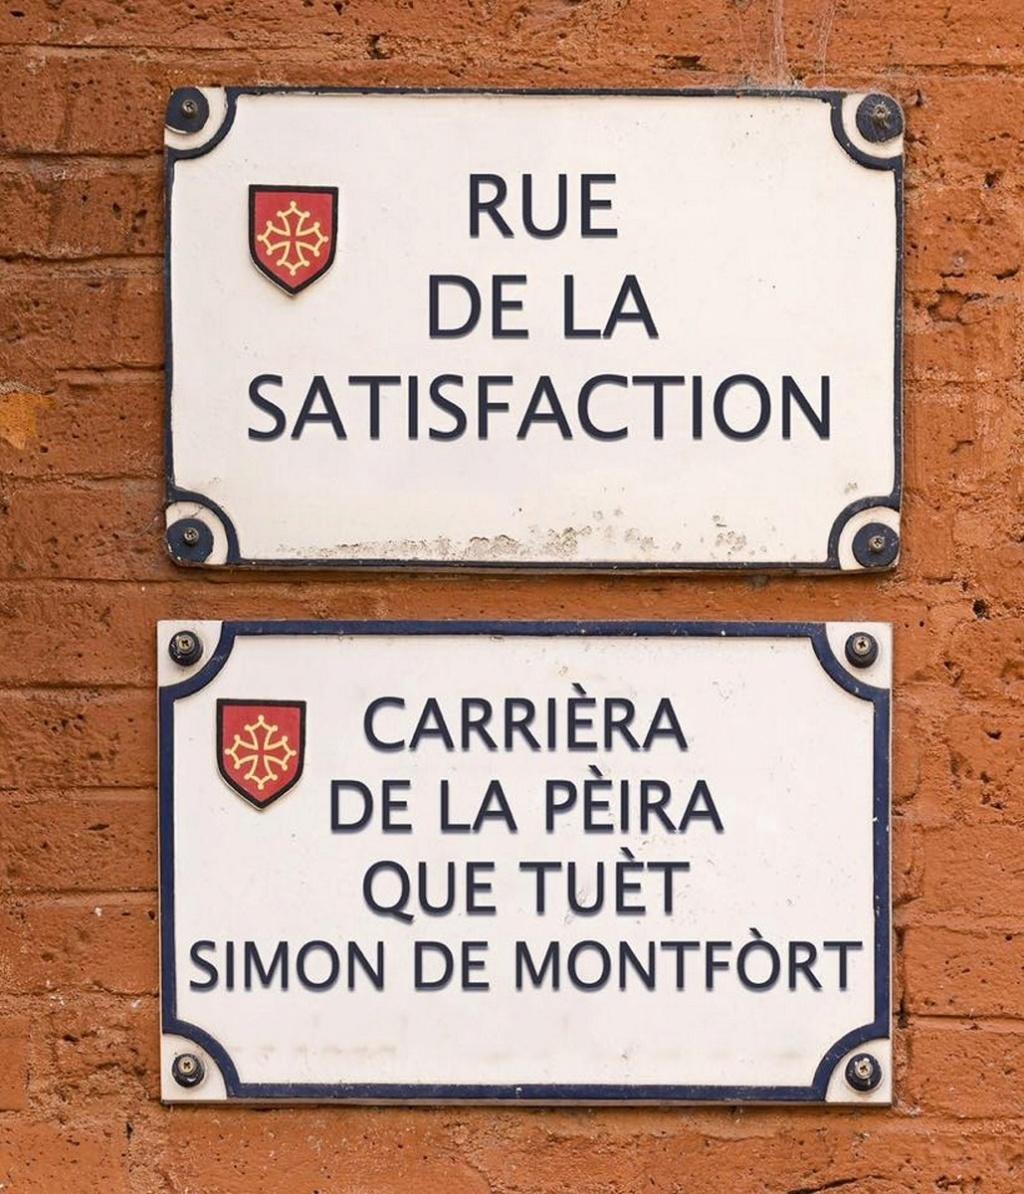 Simon de Monfort 800 aniversario 113